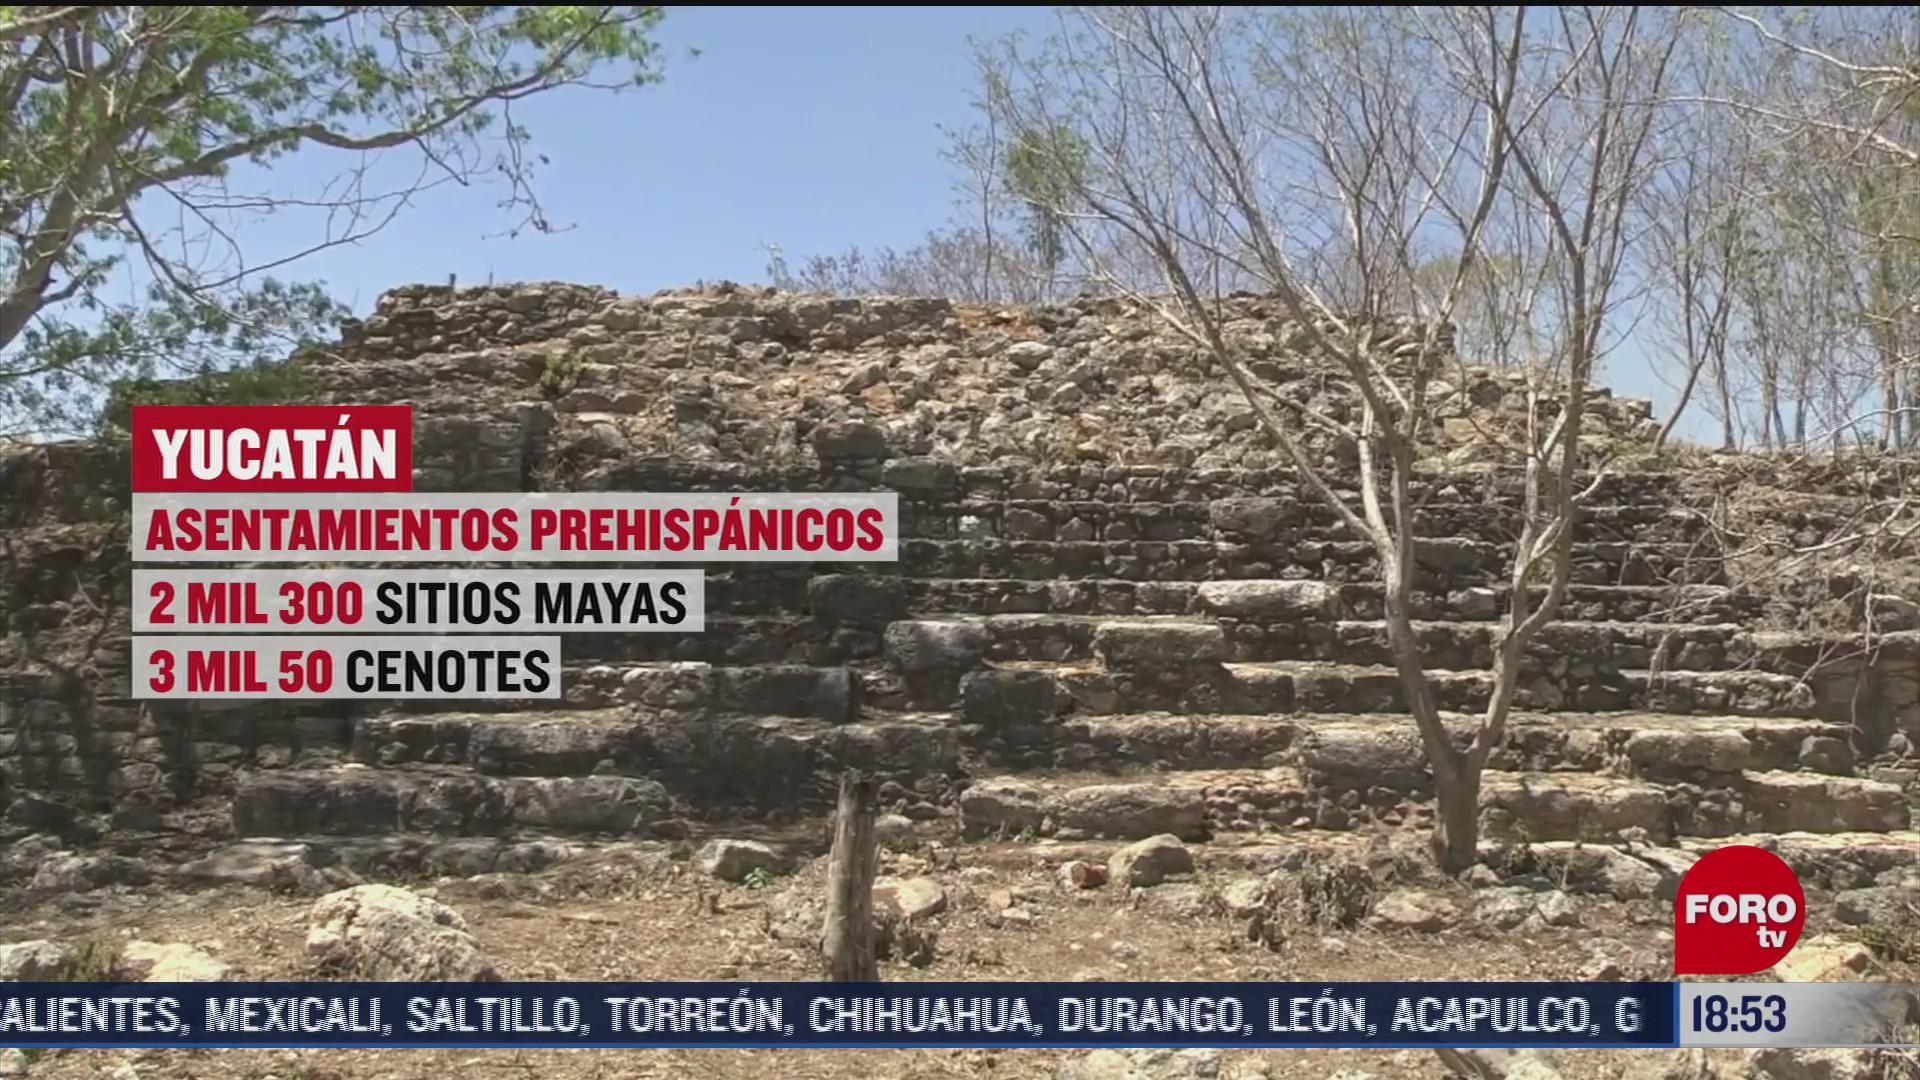 hallazgos arqueologicos en predios de comunidades indigenas de yucatan